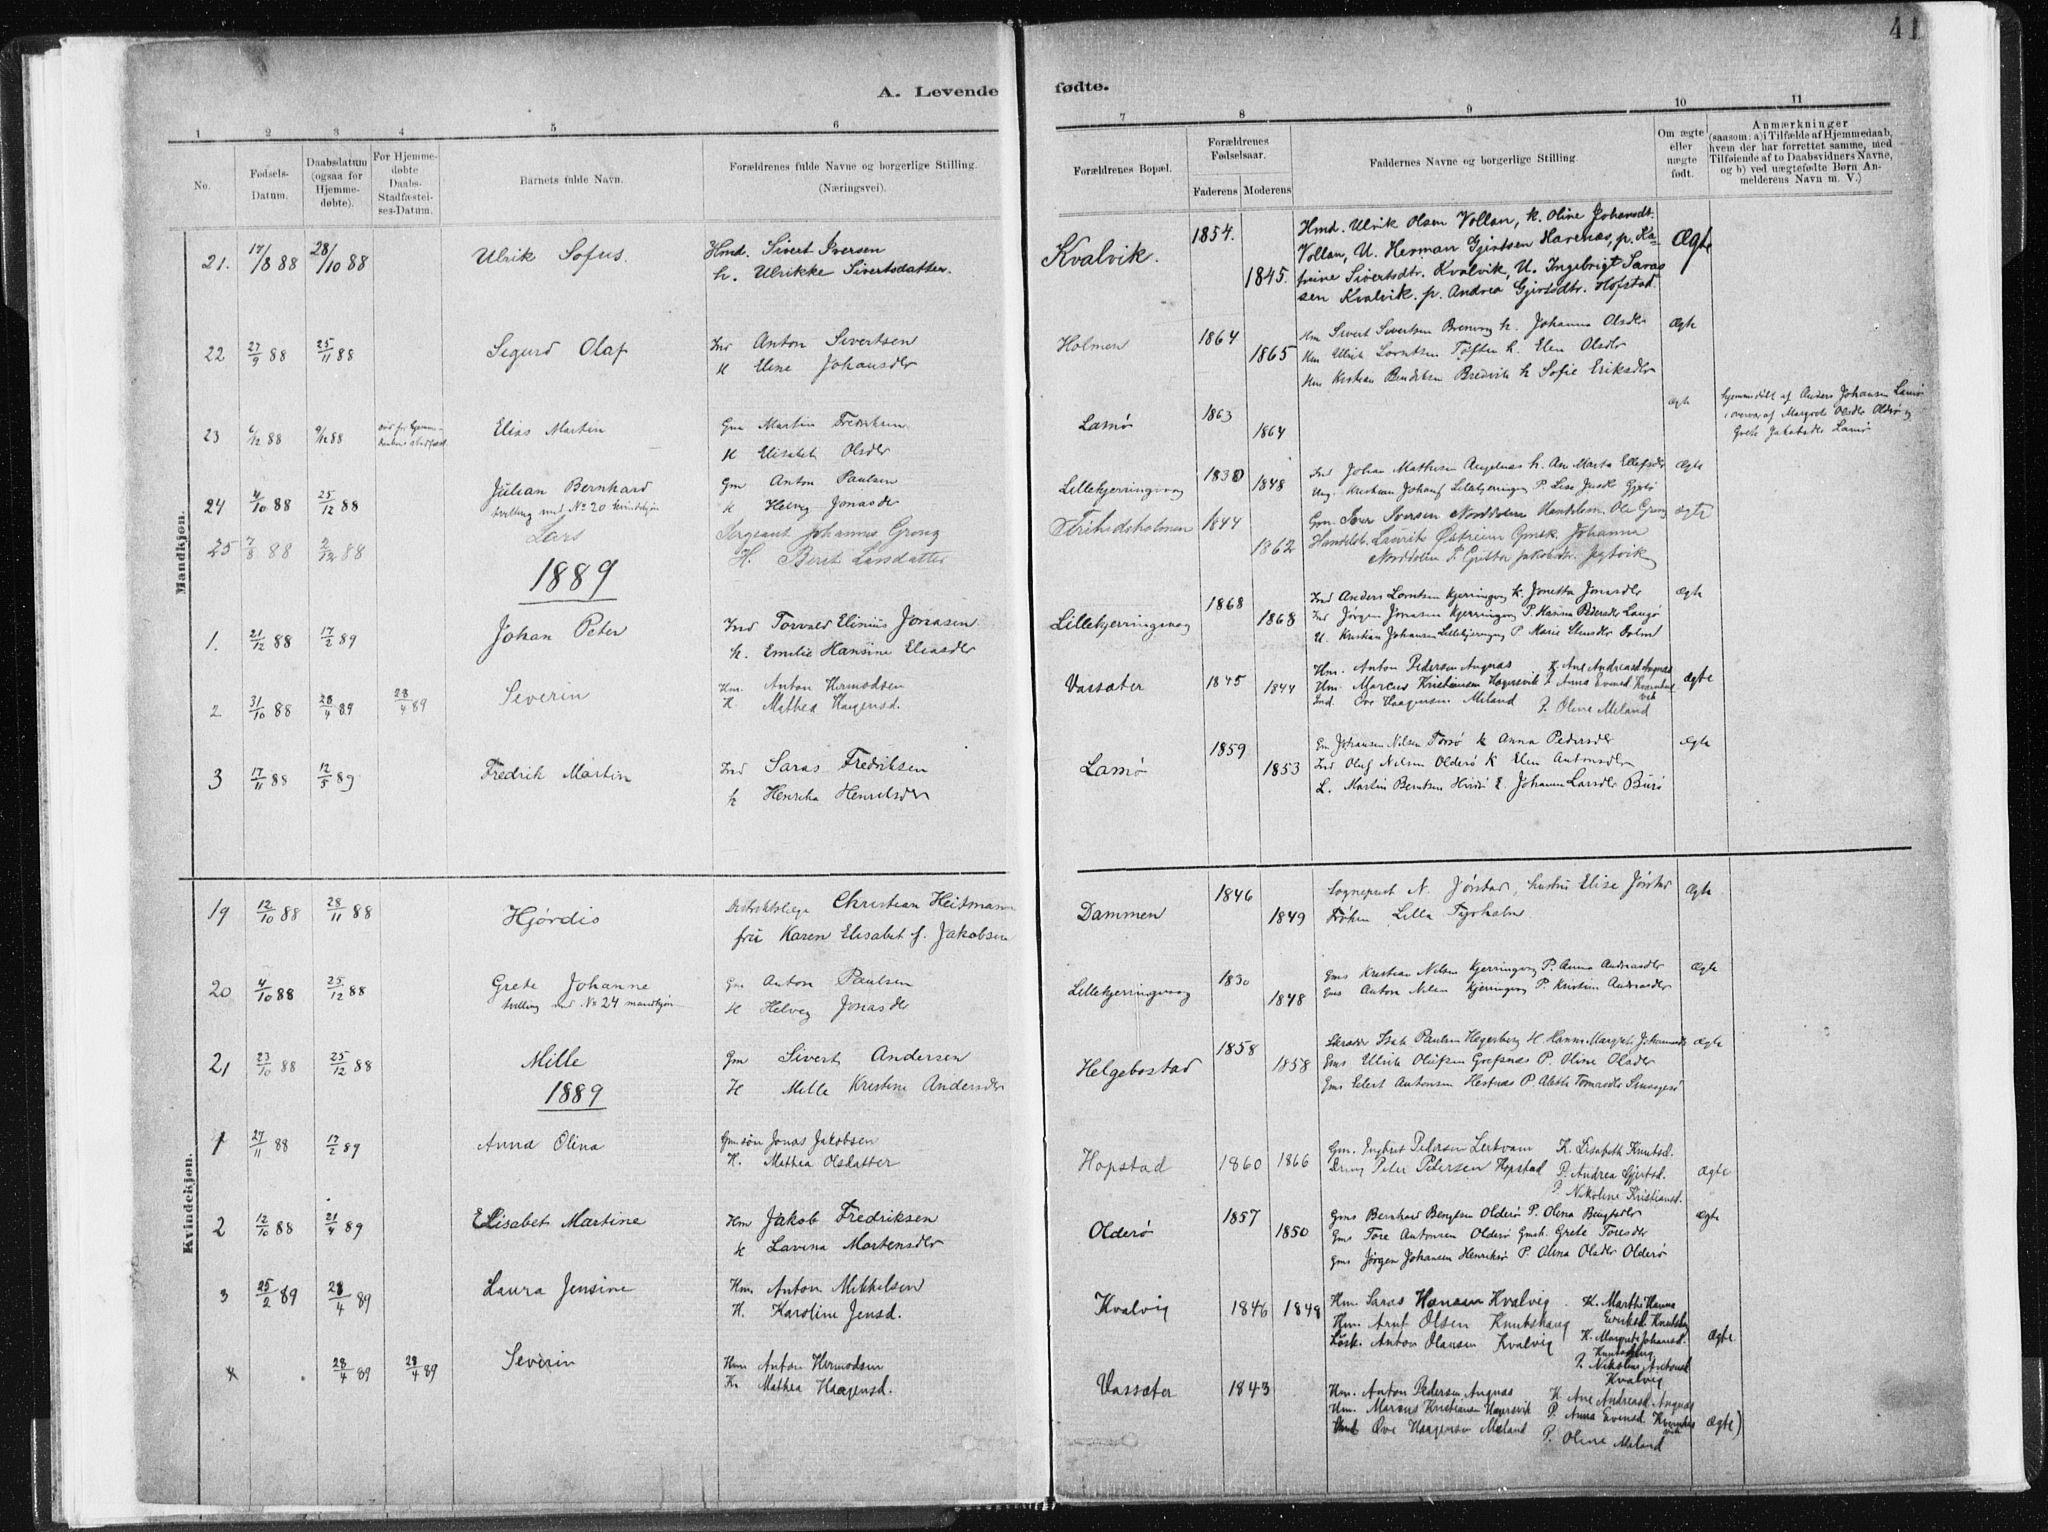 SAT, Ministerialprotokoller, klokkerbøker og fødselsregistre - Sør-Trøndelag, 634/L0533: Ministerialbok nr. 634A09, 1882-1901, s. 41